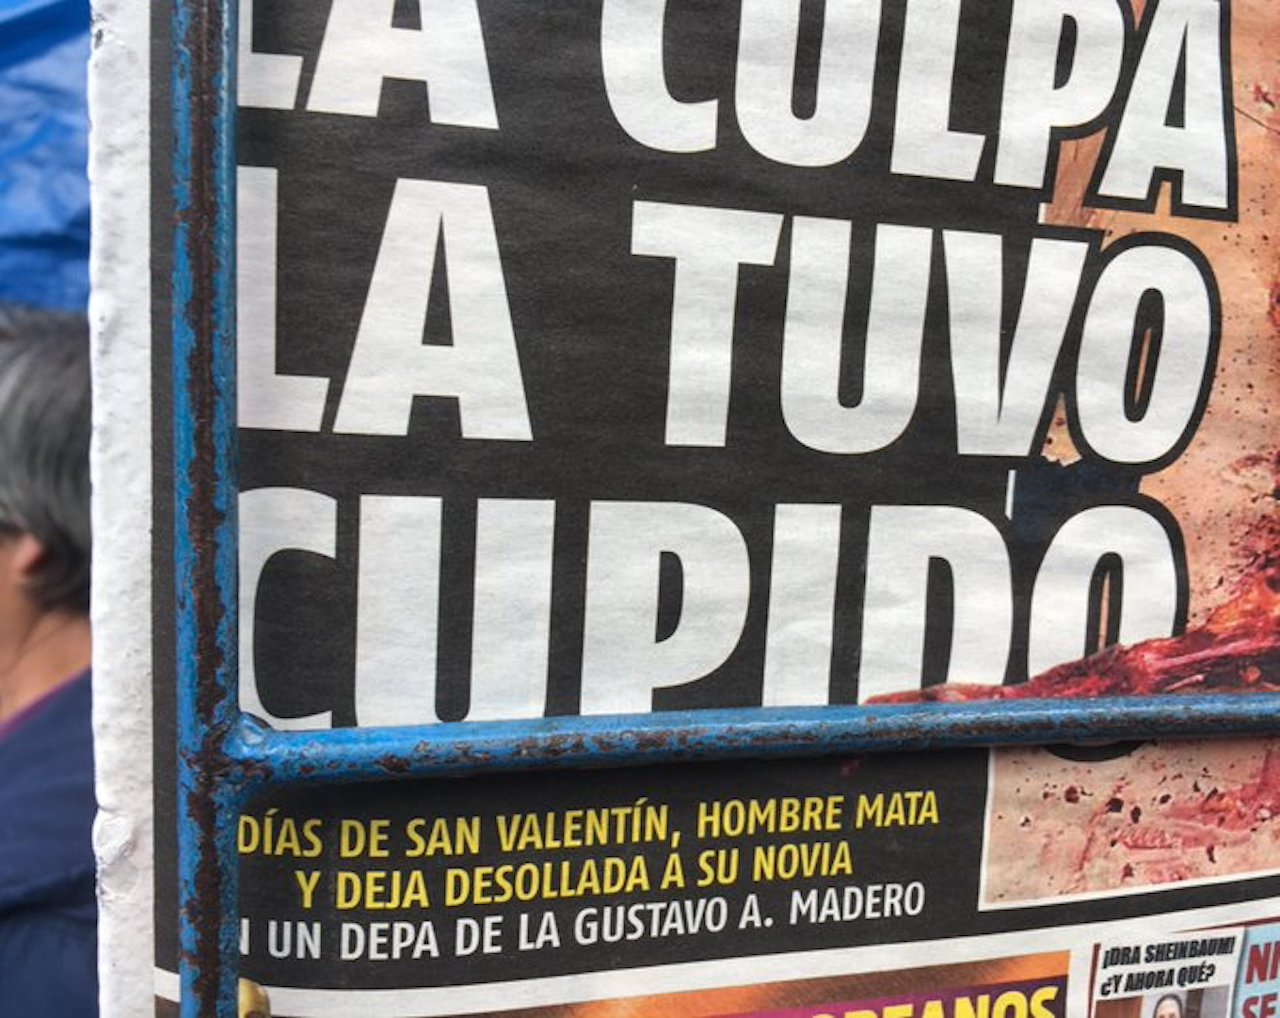 Gobierno de México investigará a medios de comunicación por filtración de imágenes de víctimas de feminicidio (Imagen: Twitter/ @AlfieMar93)